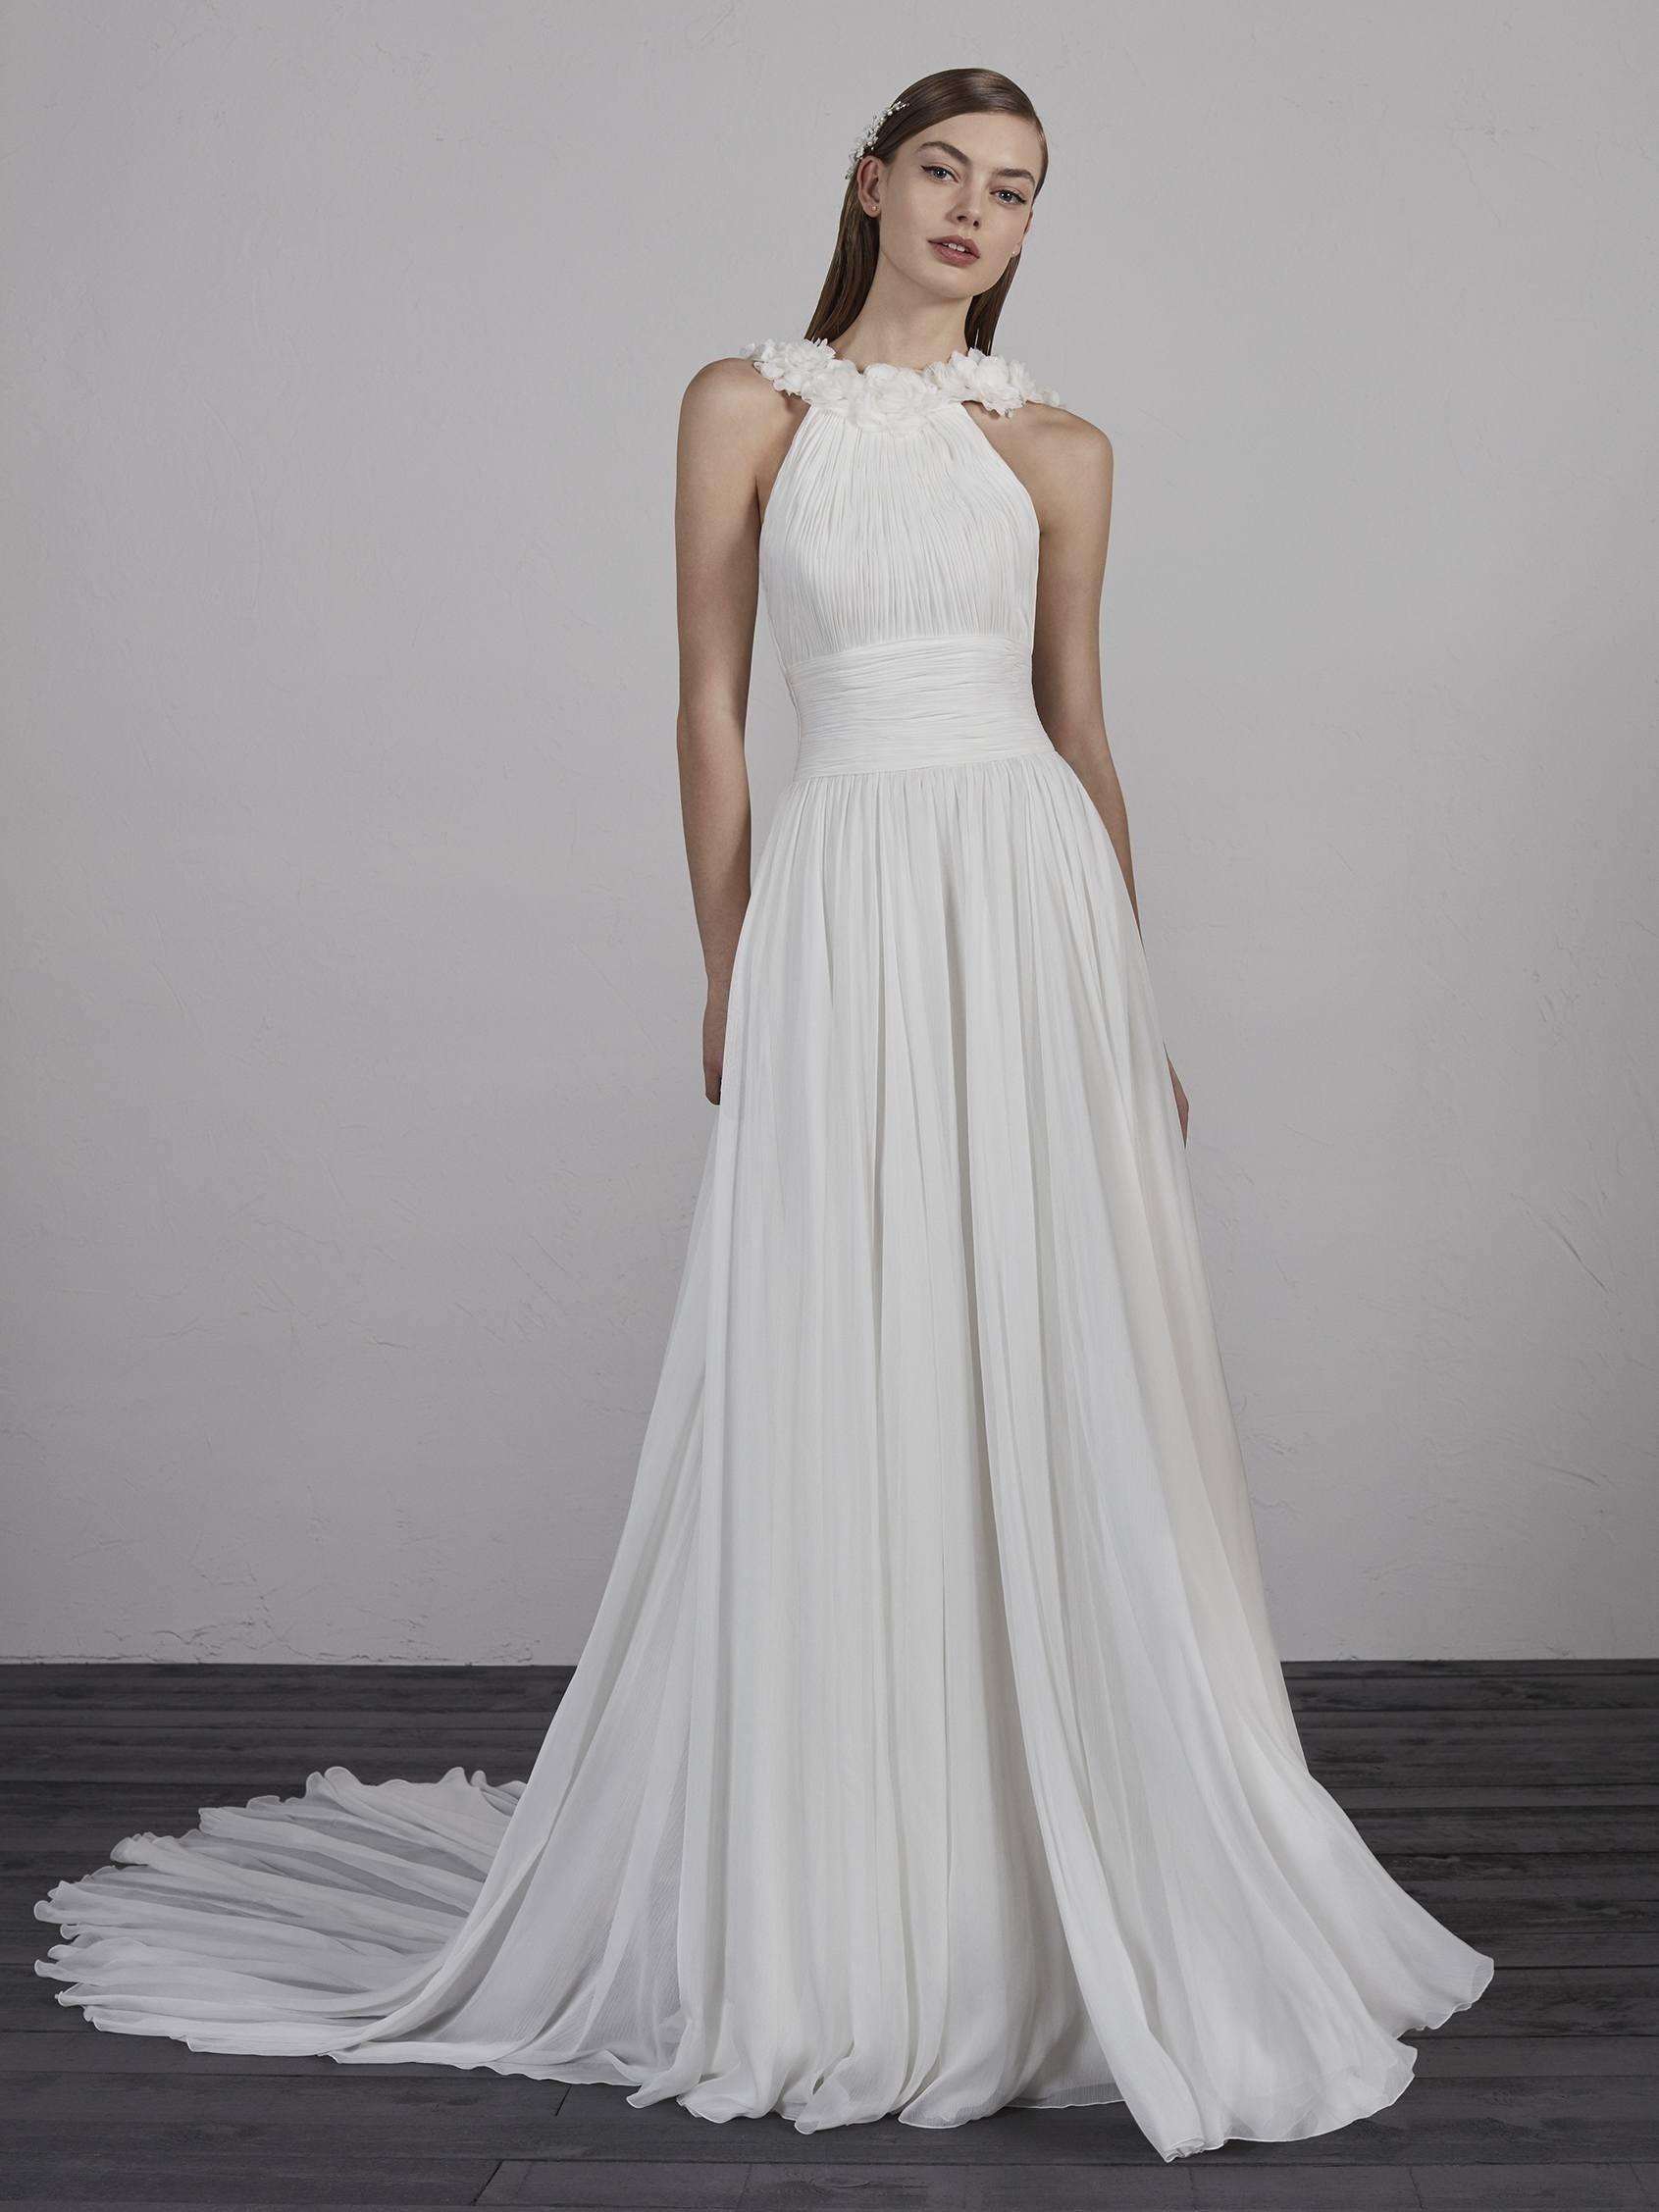 Abend Einfach Brautkleid Neckholder DesignAbend Coolste Brautkleid Neckholder Bester Preis